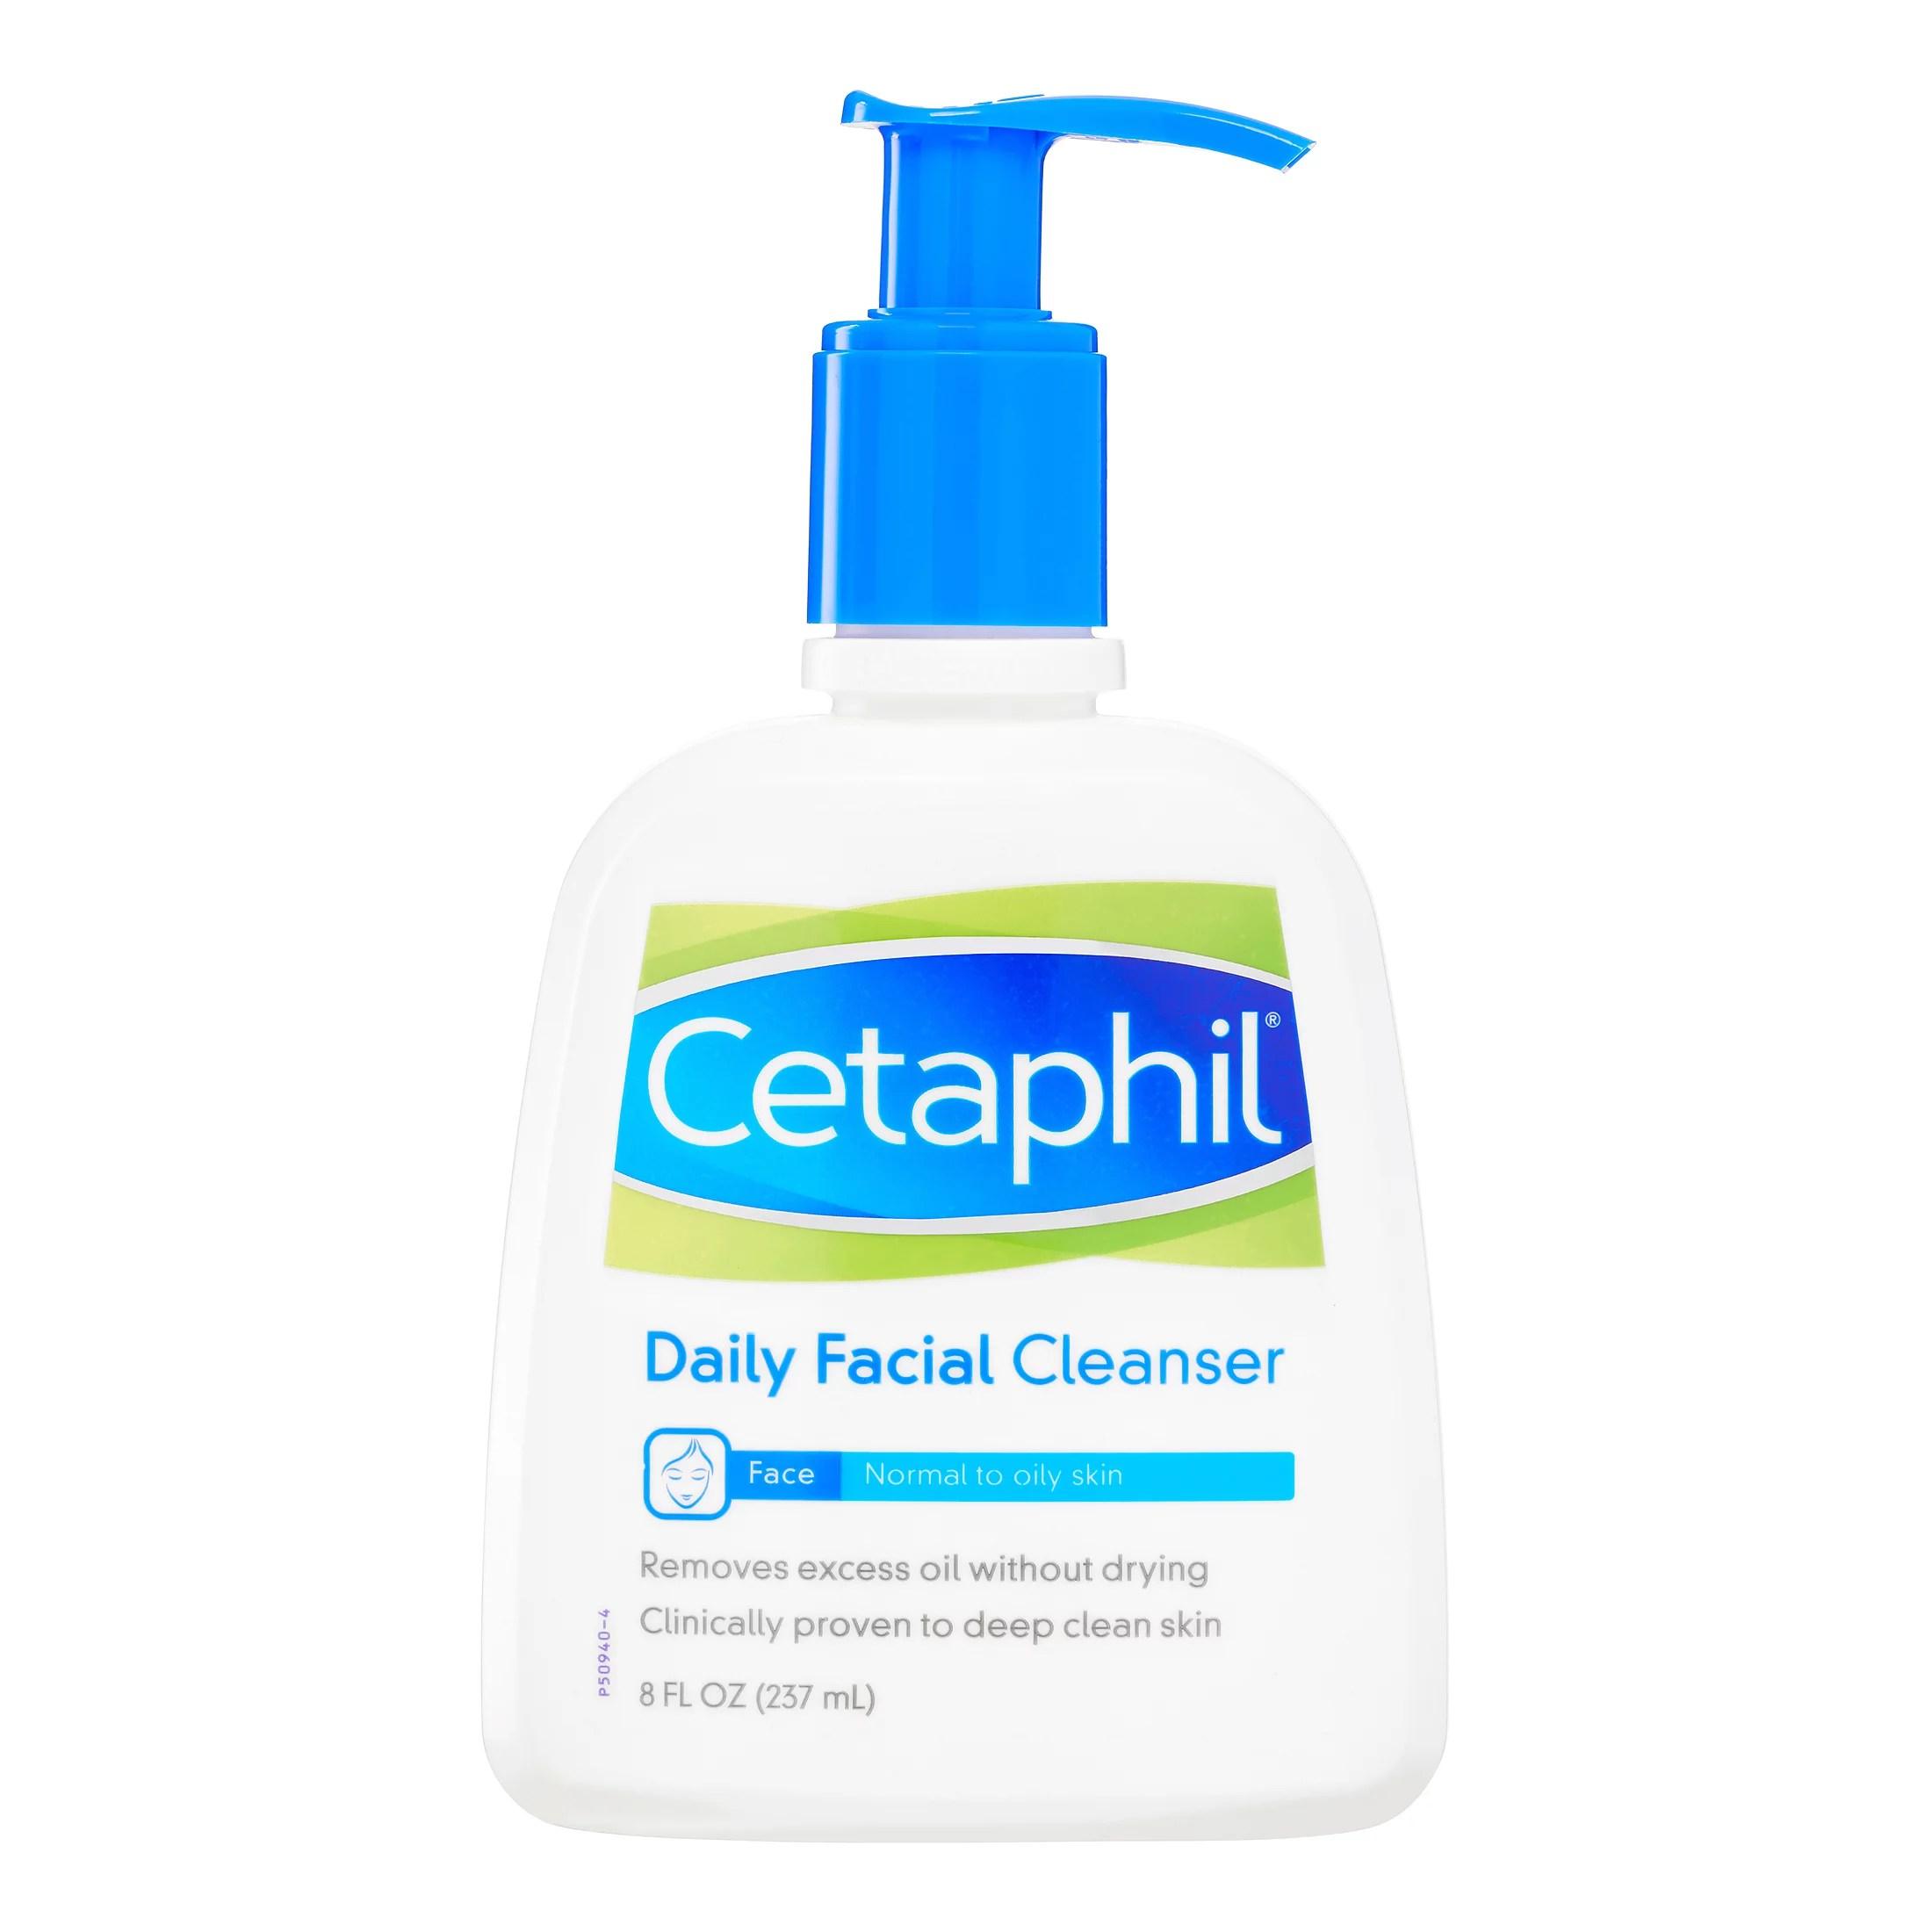 Cetaphil Daily Facial Cleanser 8 Fl Oz - Walmart.com ...